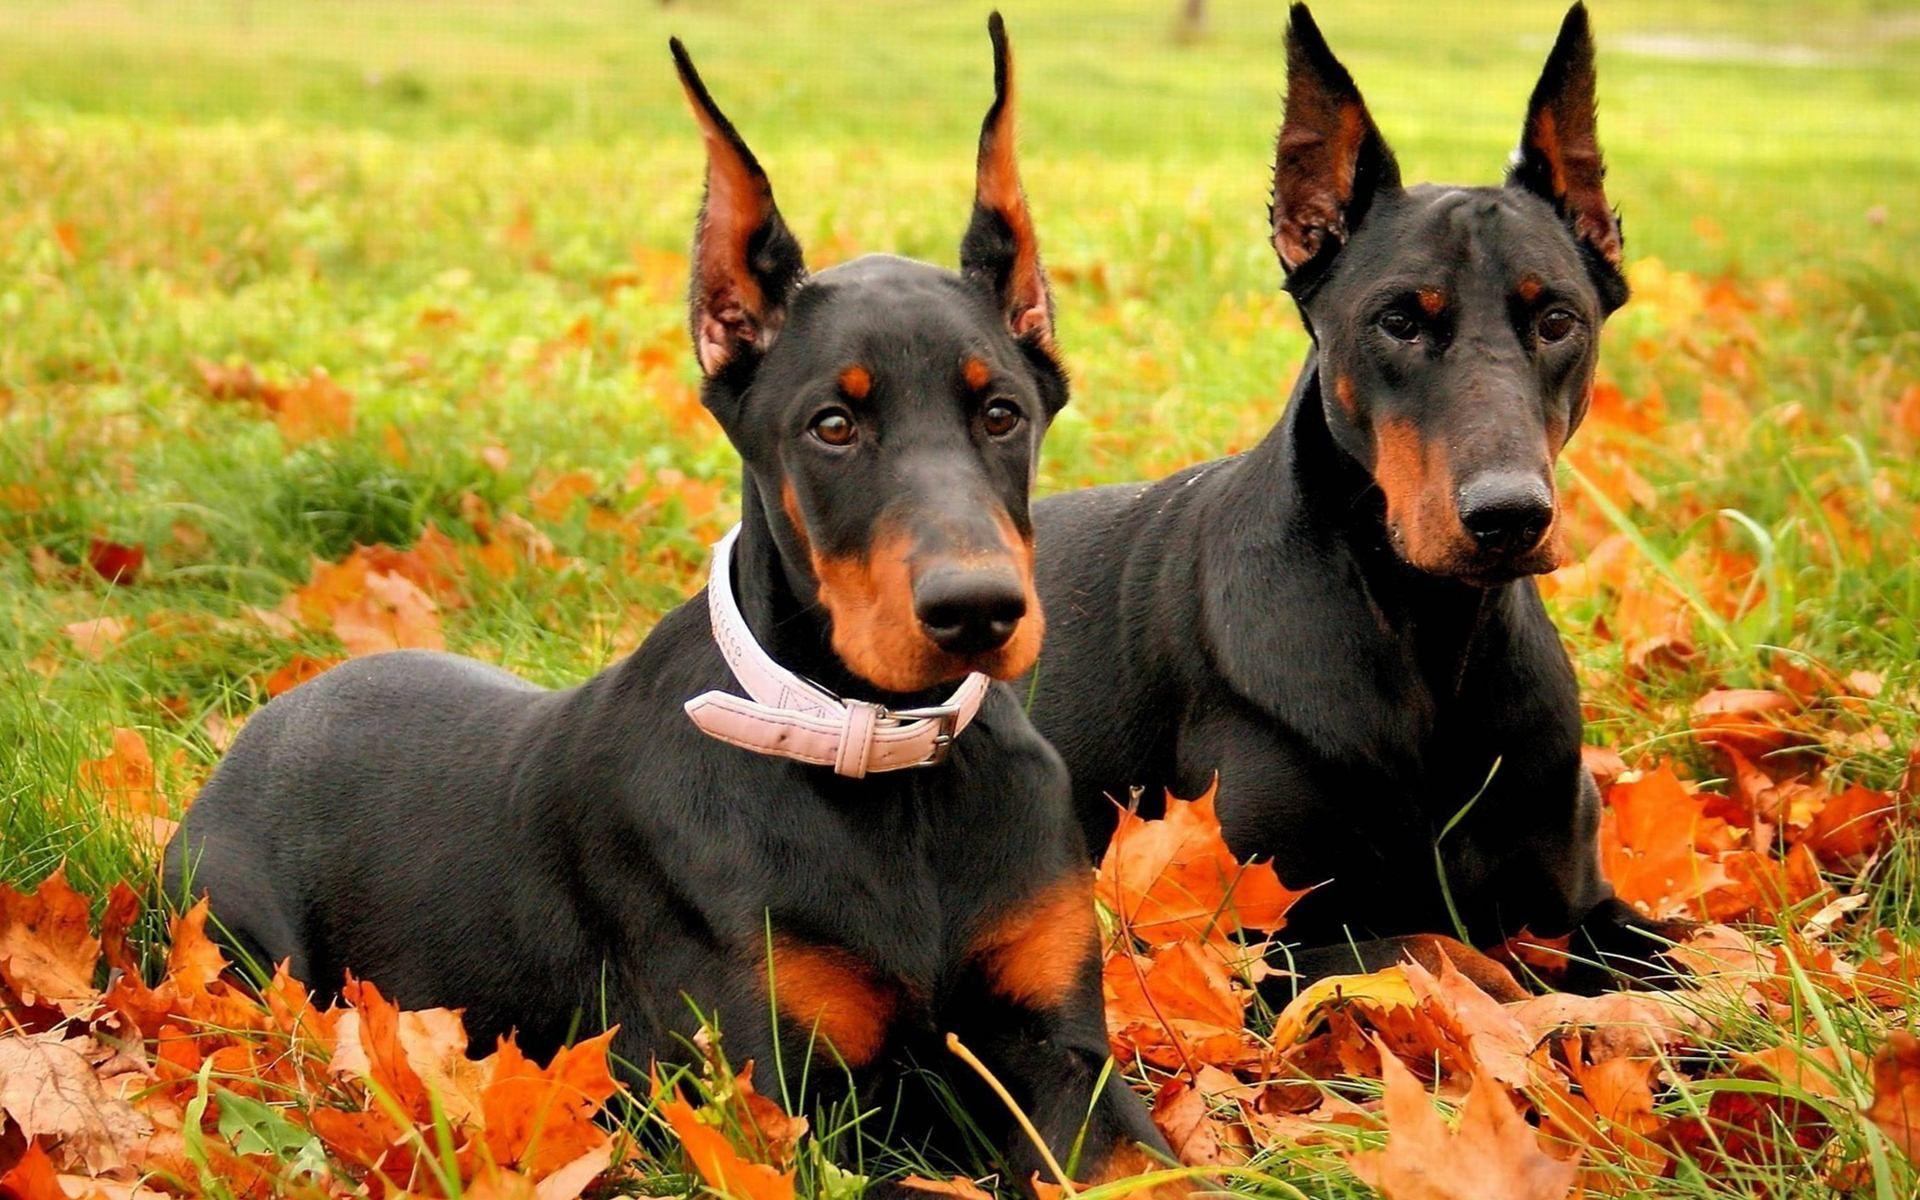 Couple Penguin Wallpaper 15029 Wallpaper Doberman Dogs Doberman Pinscher Dog Breeds